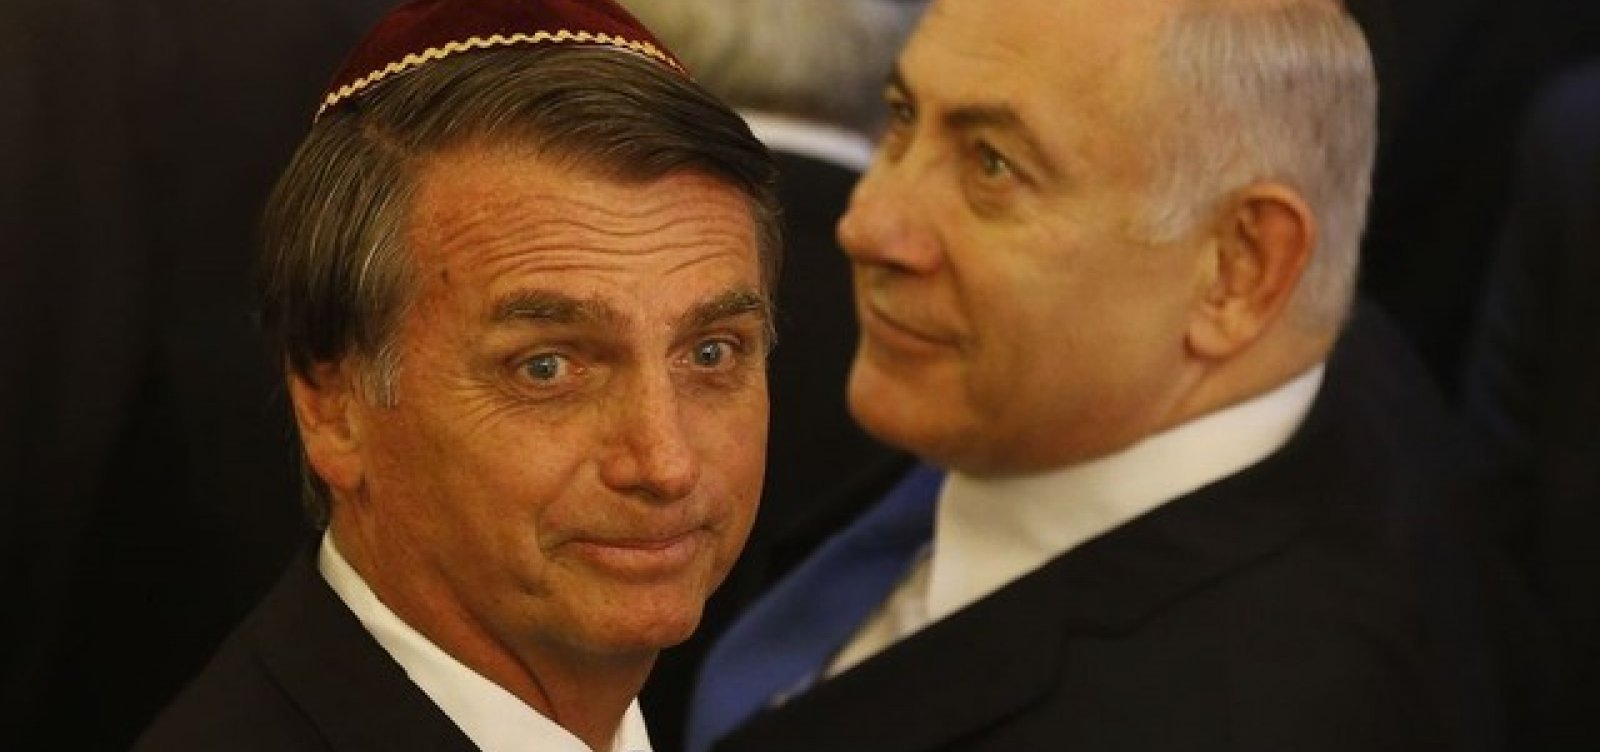 Bolsonaro pedirá à Anvisa liberação de spray israelense contra covid-19